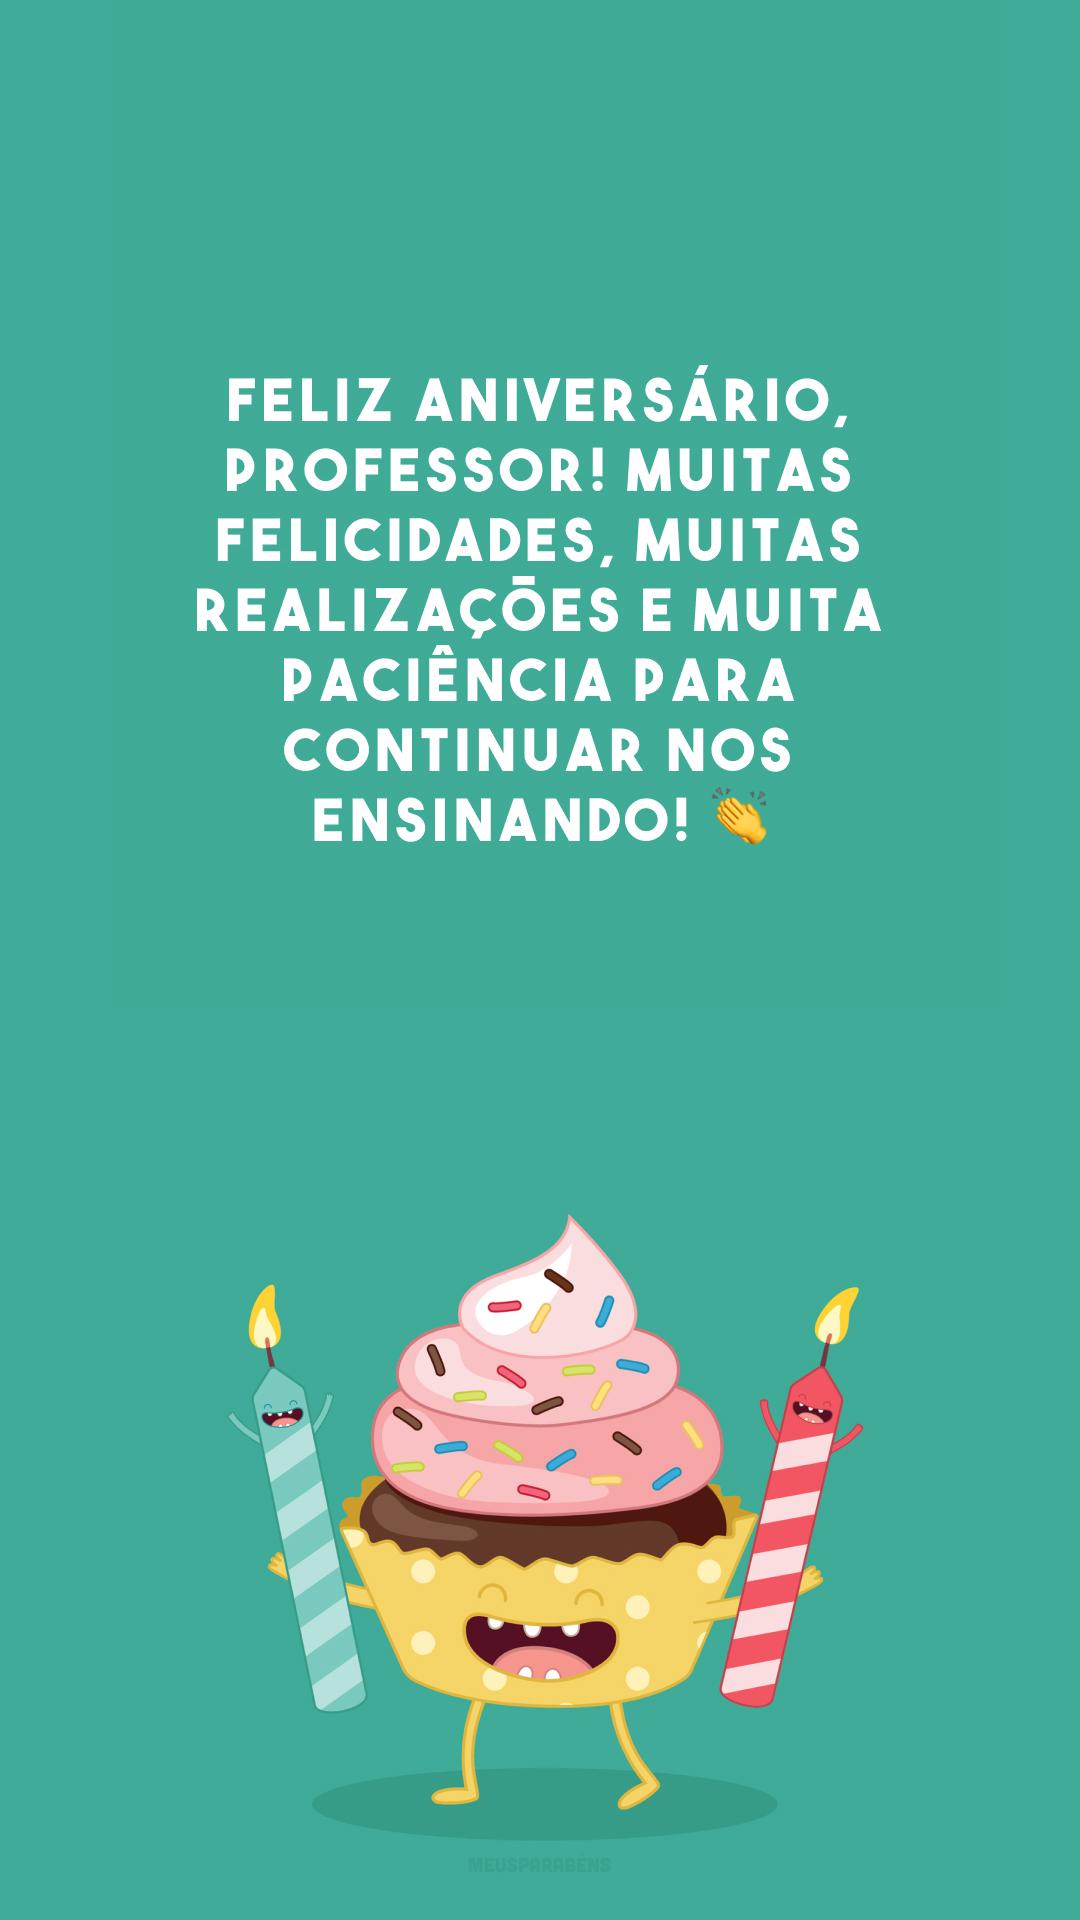 Feliz aniversário, professor! Muitas felicidades, muitas realizações e muita paciência para continuar nos ensinando! 👏